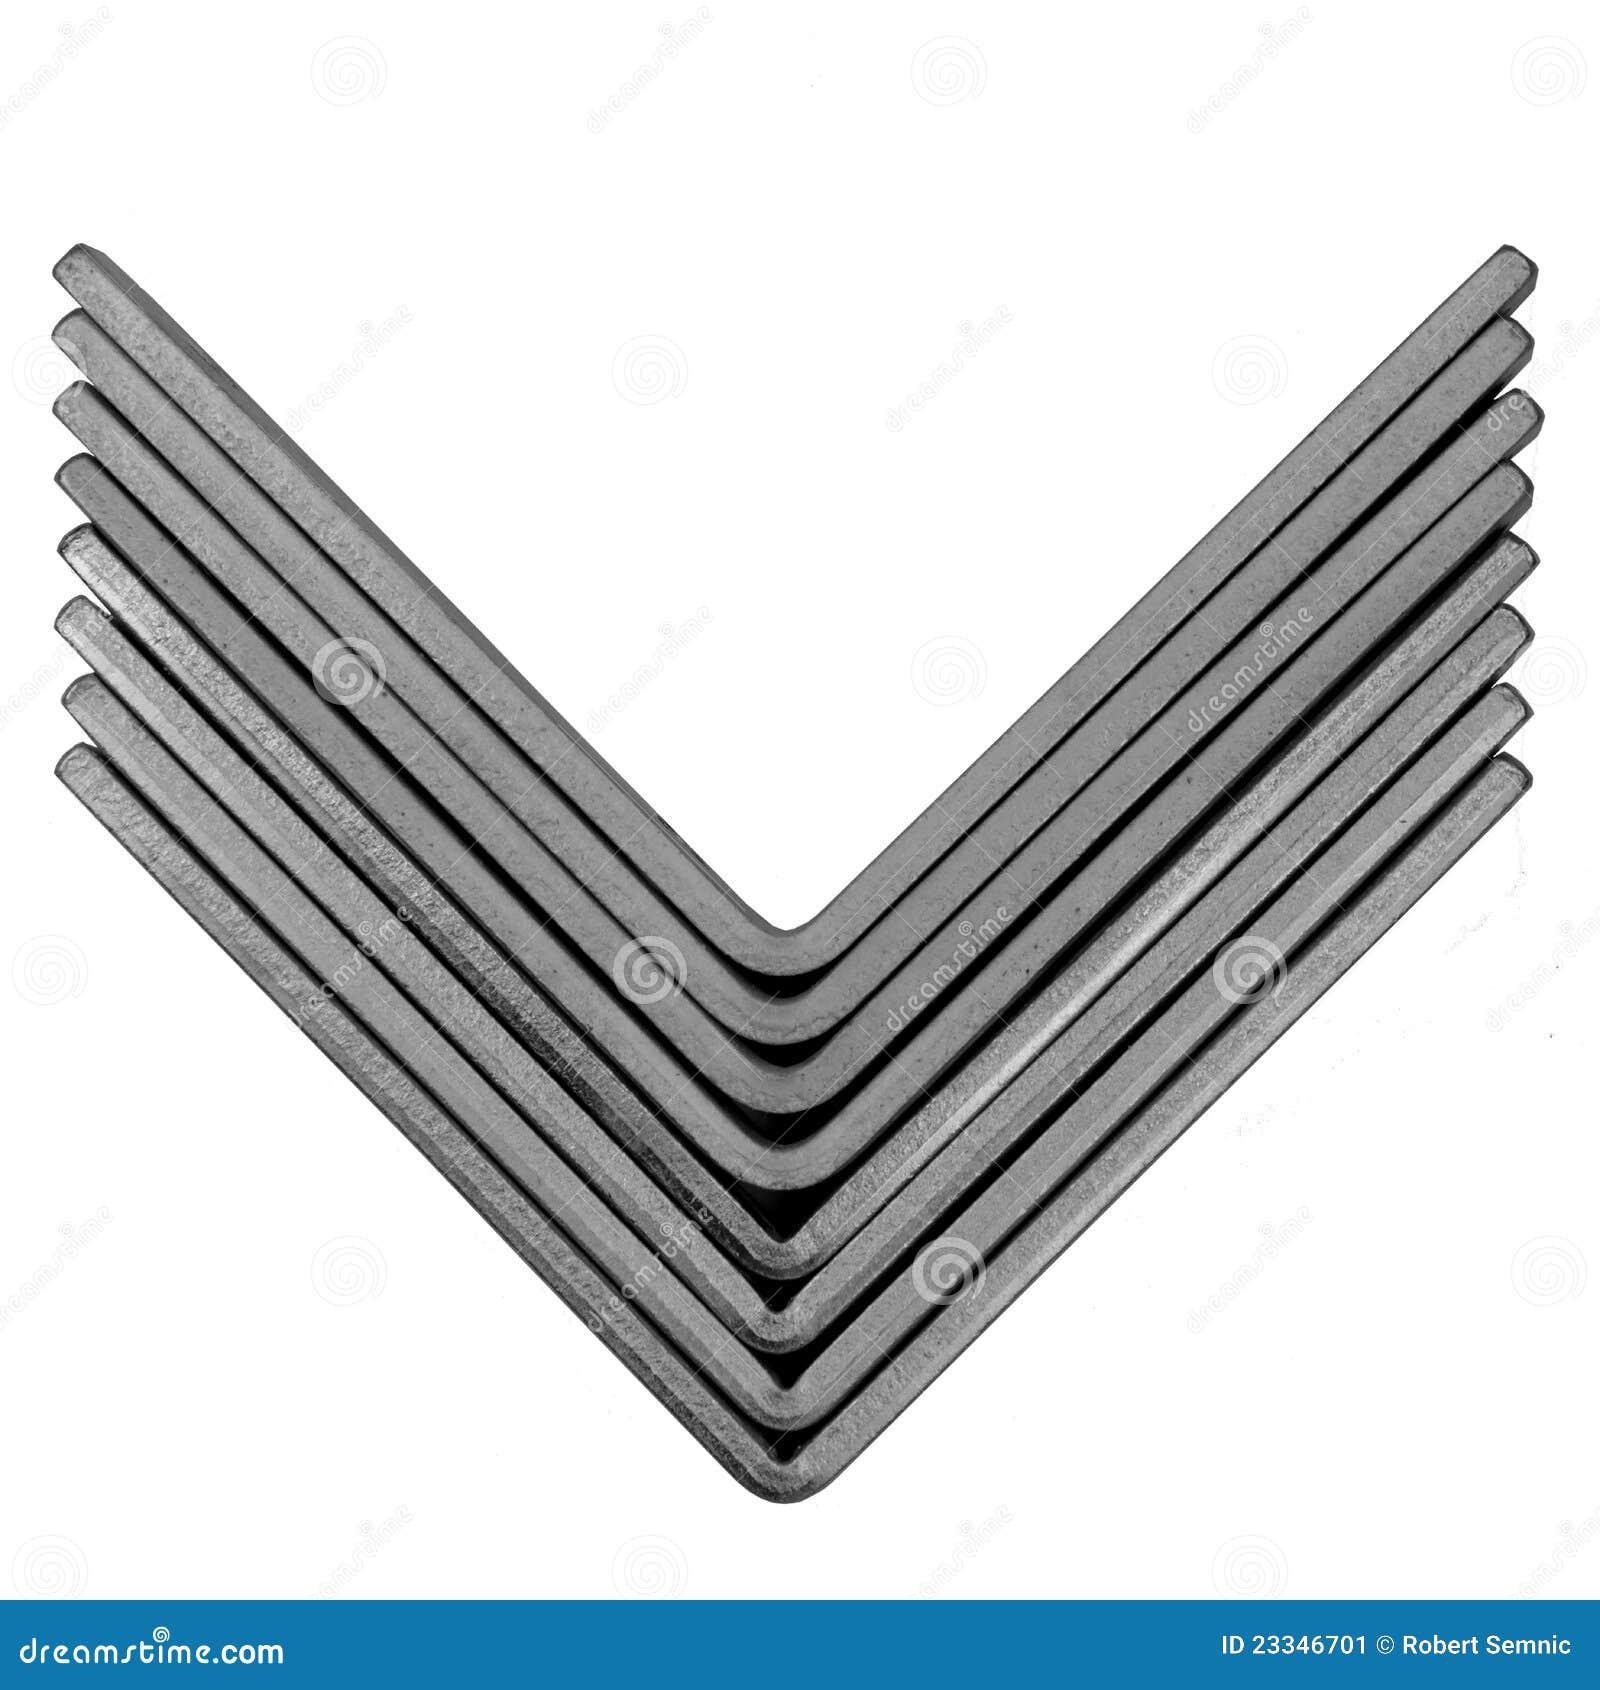 metal profile stock image image 23346701. Black Bedroom Furniture Sets. Home Design Ideas